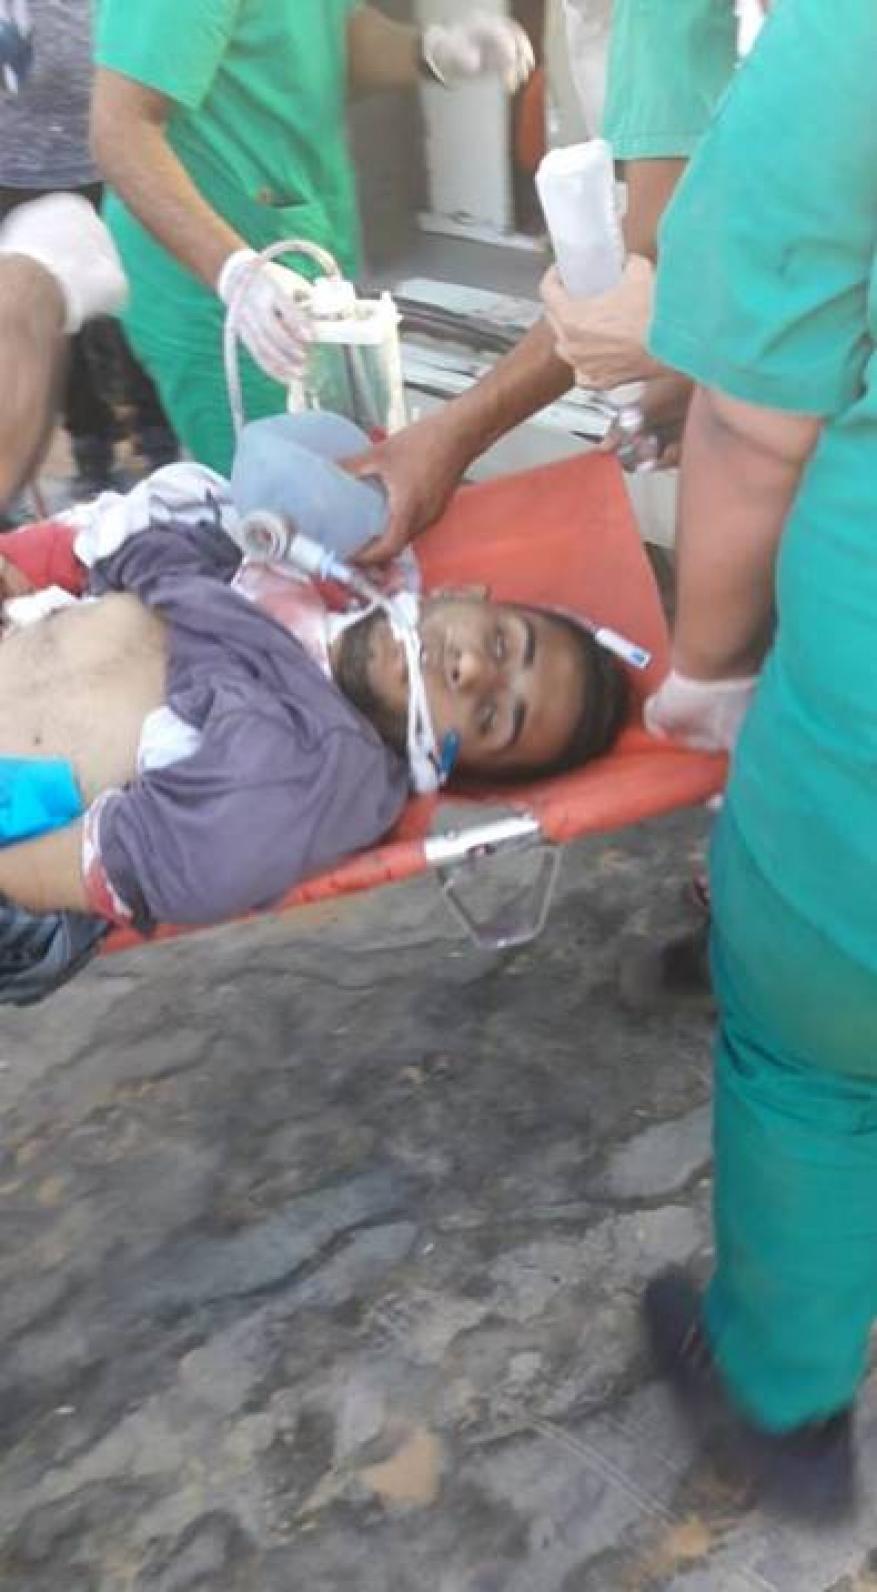 قوات الاحتلال الإسرائيلي تصعّد من جرائمها في قطاع غزة، وتستهدف المشاركين في مسيرات العودة وكسر الحصار